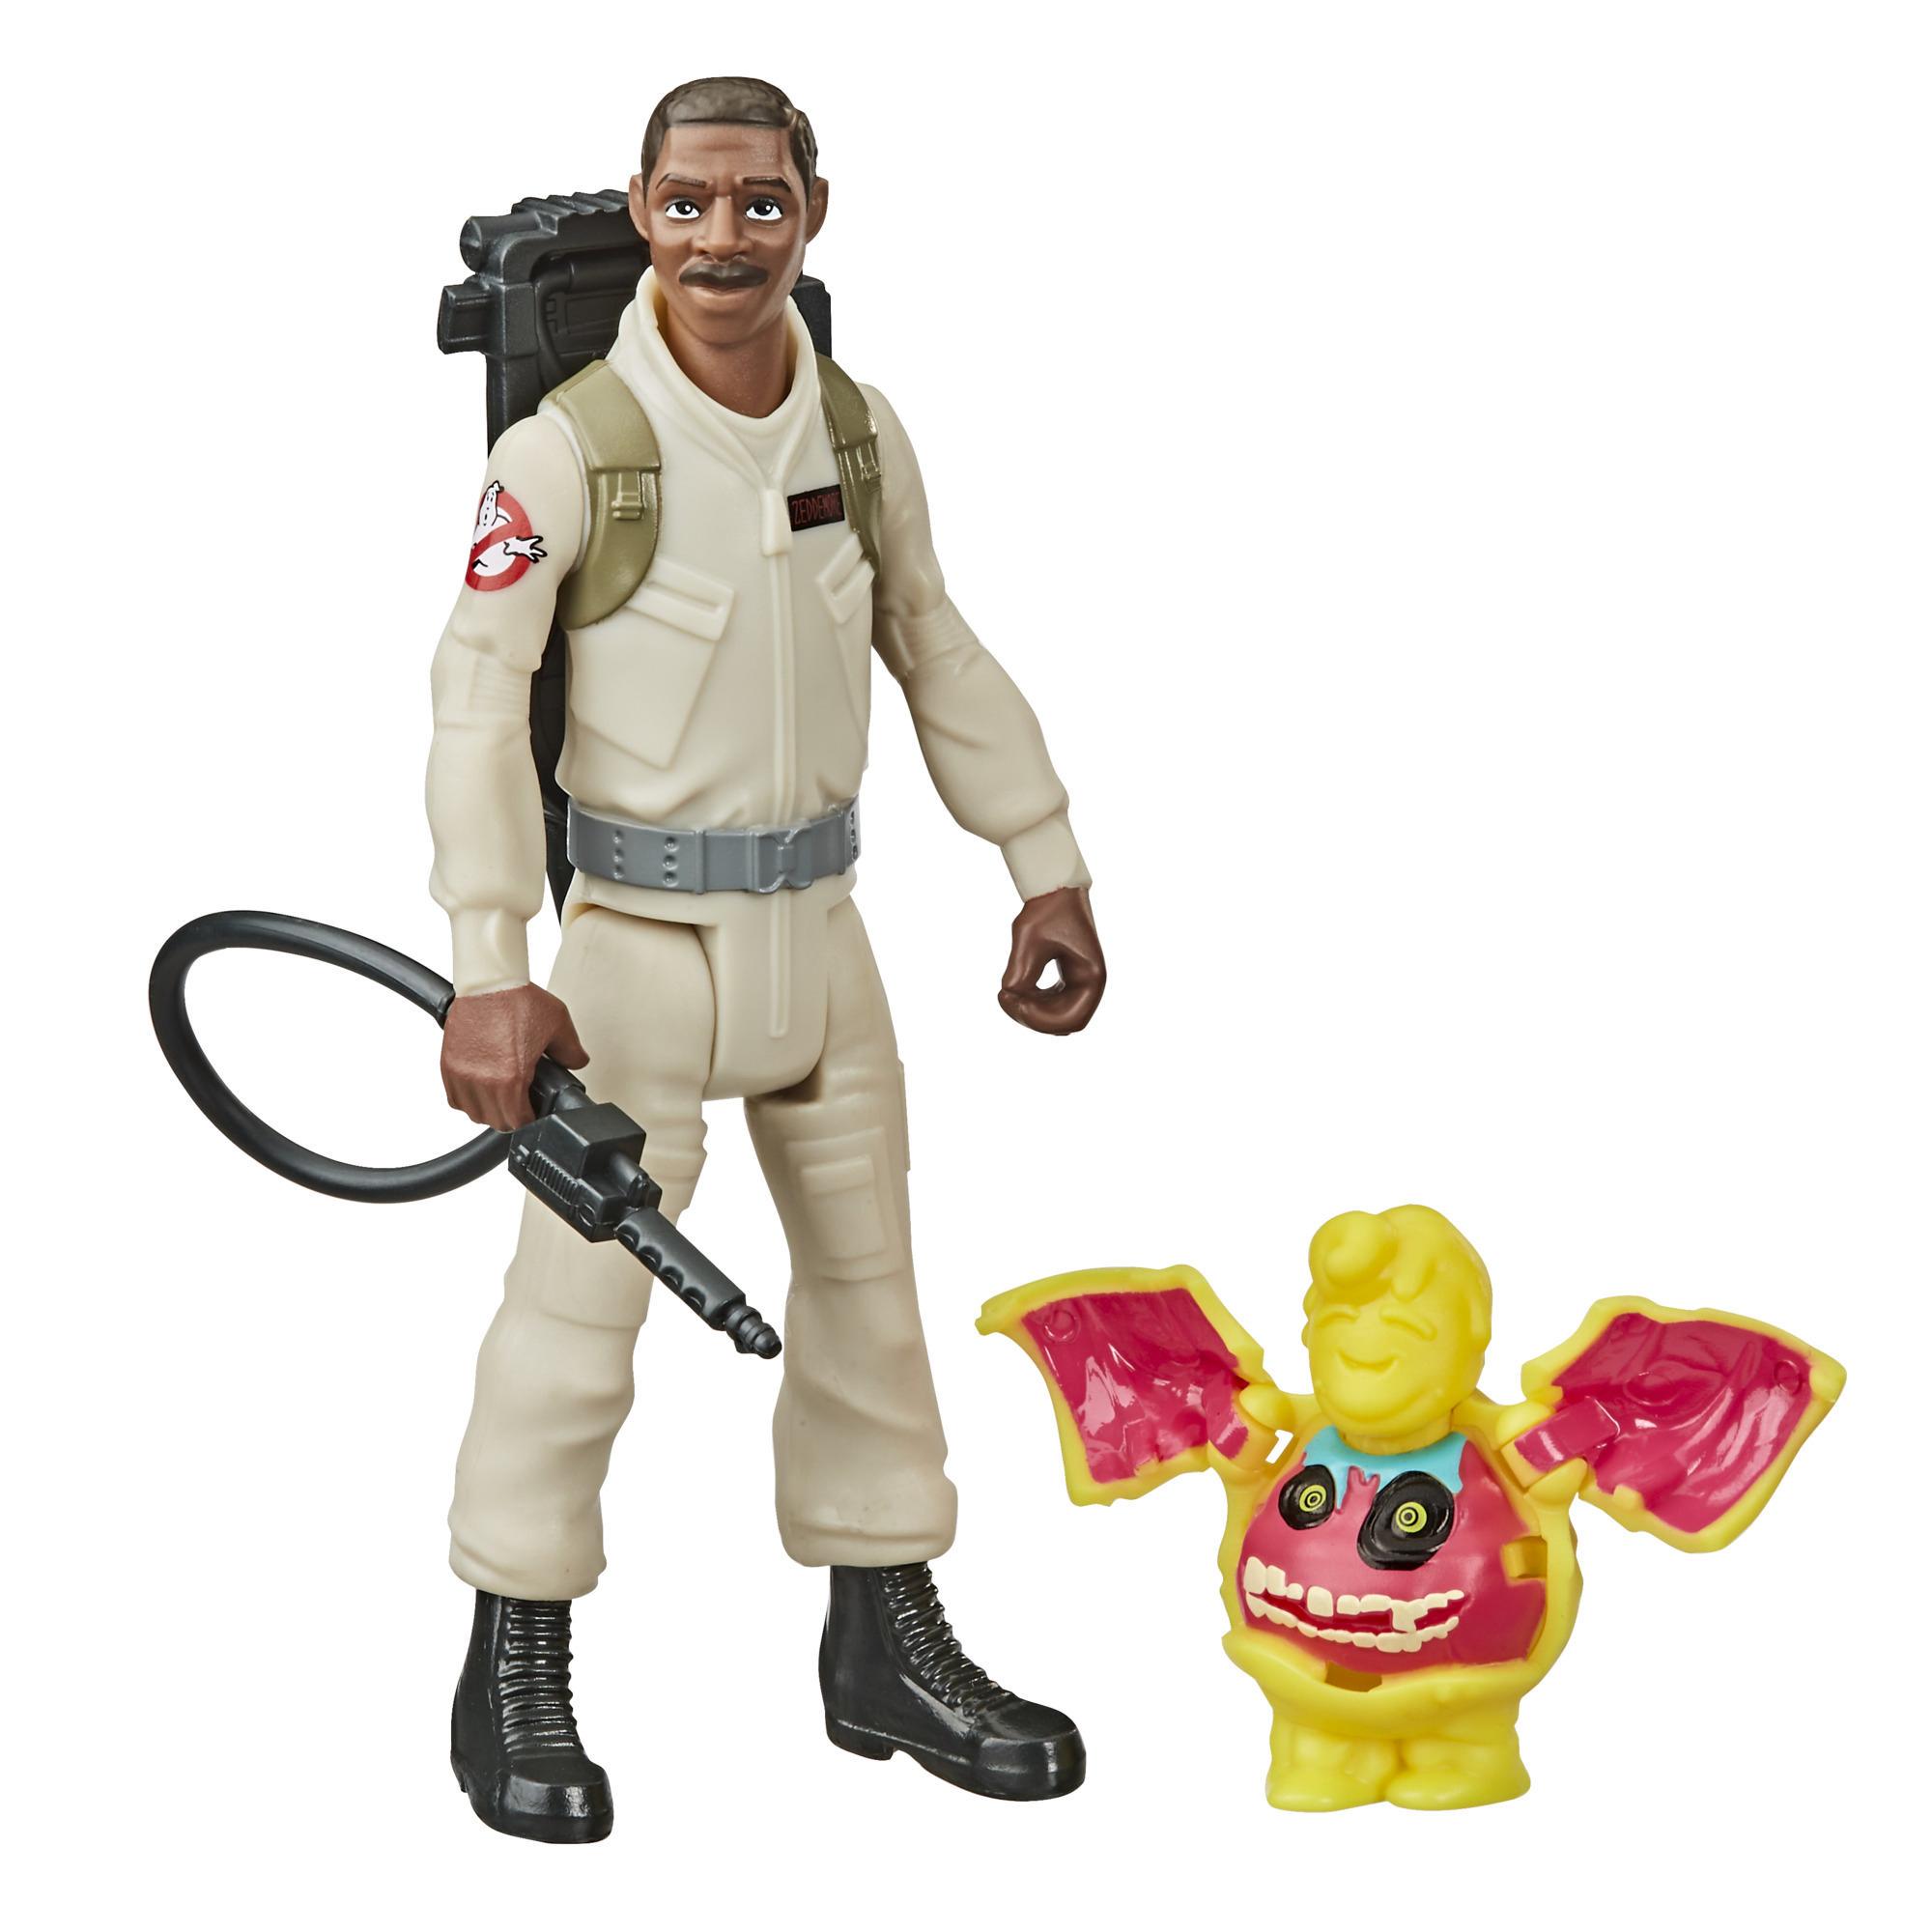 Ghostbusters Geisterschreck Figur Winston Zeddemore